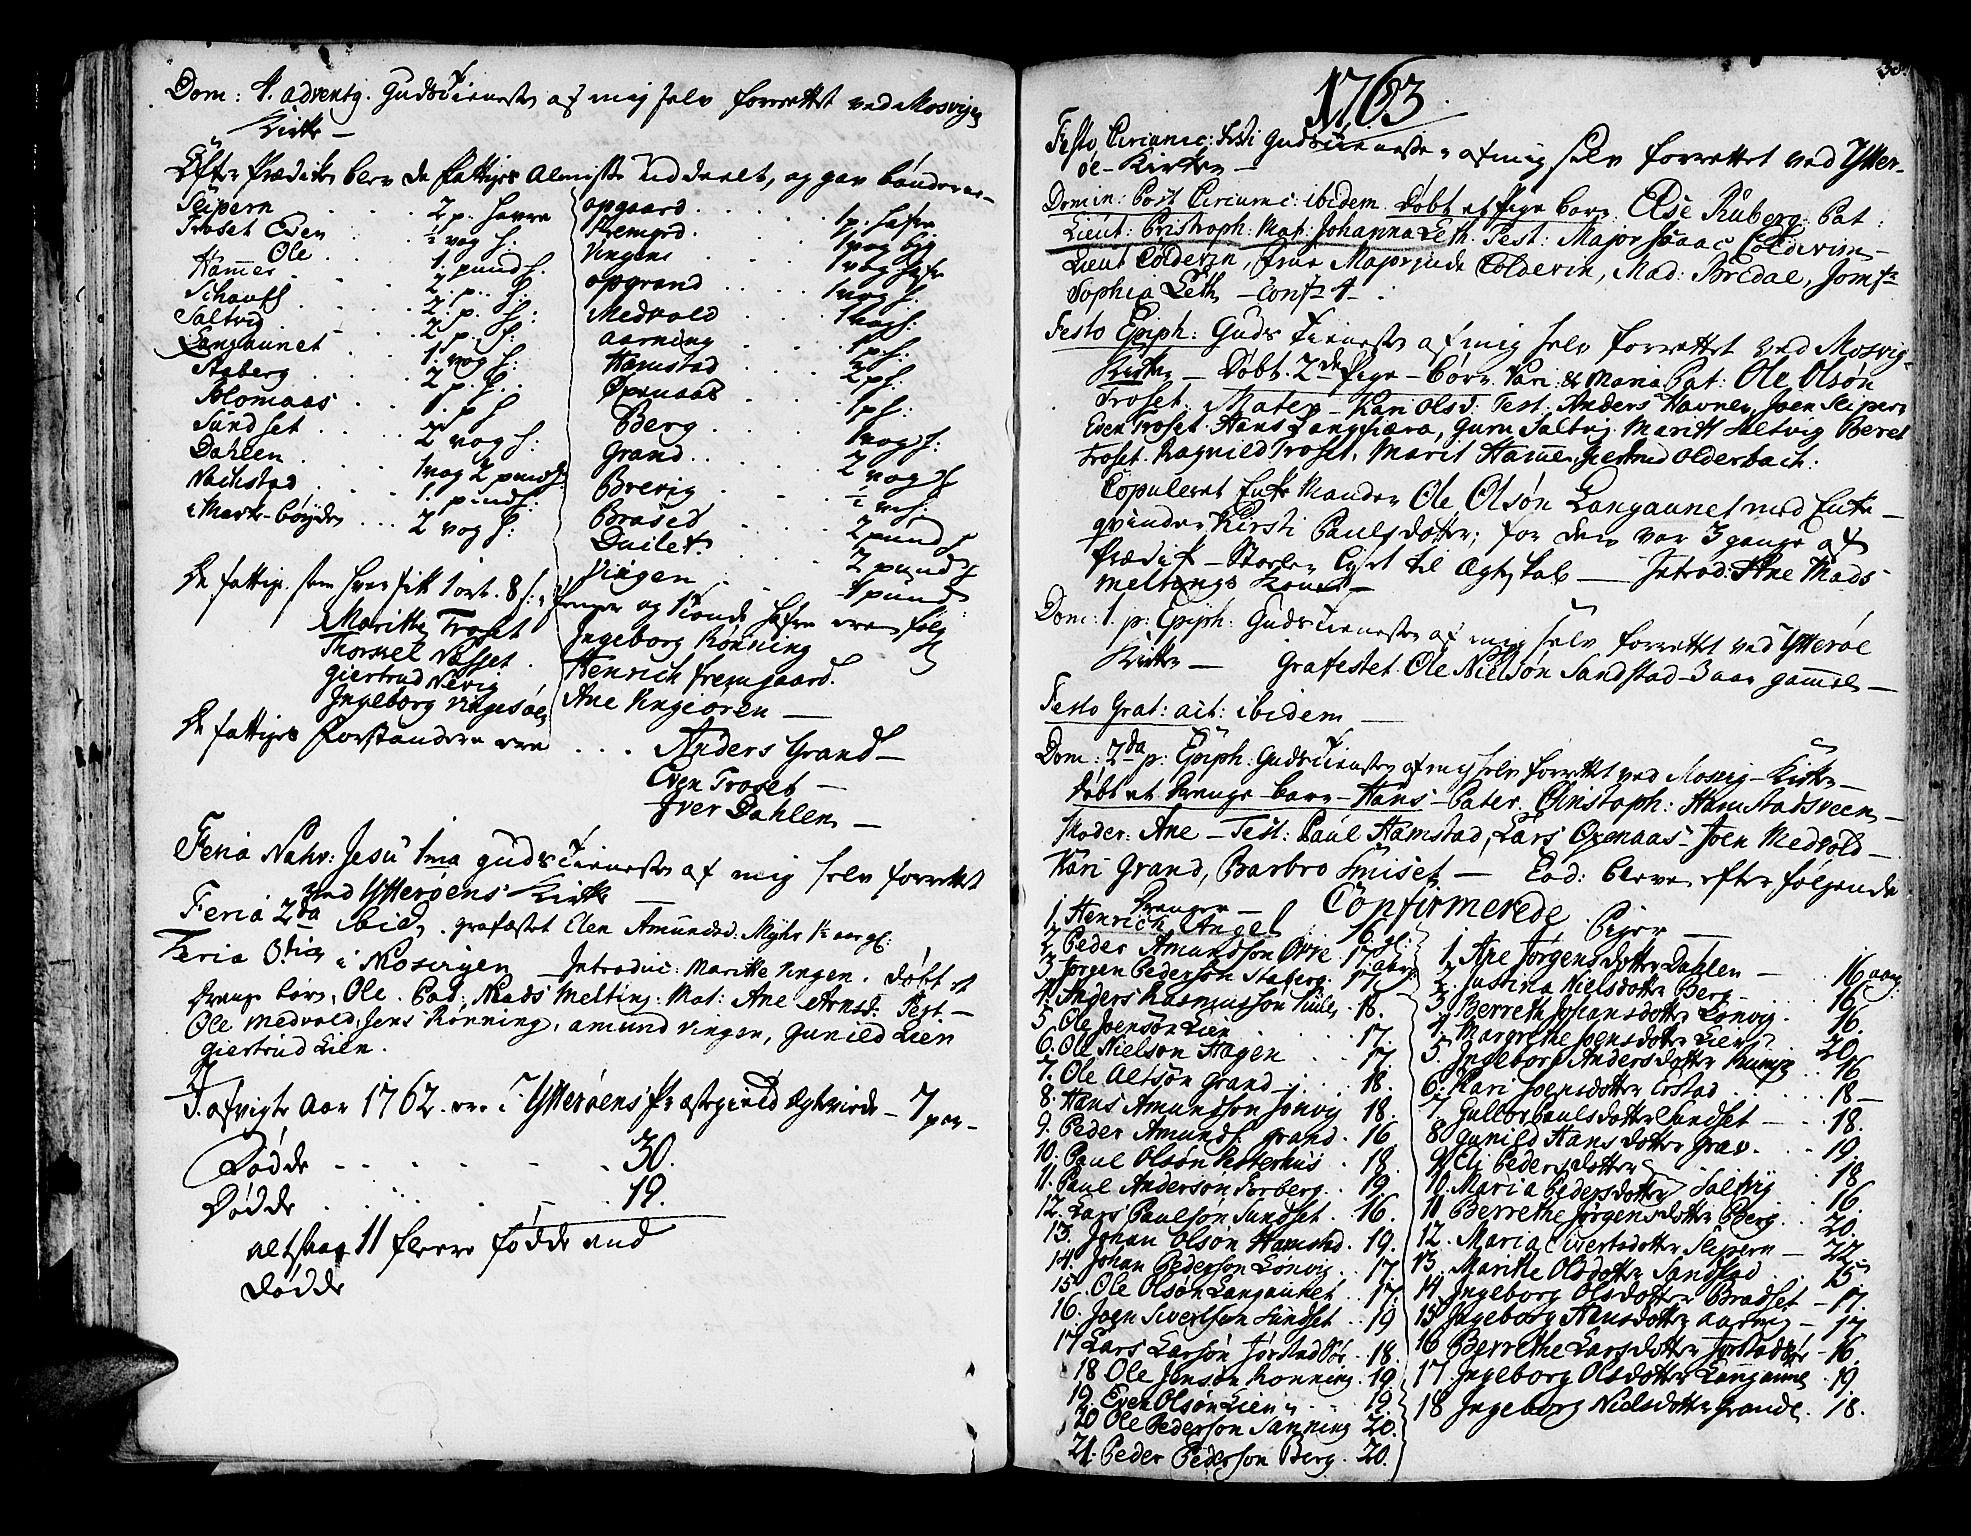 SAT, Ministerialprotokoller, klokkerbøker og fødselsregistre - Nord-Trøndelag, 722/L0216: Ministerialbok nr. 722A03, 1756-1816, s. 38